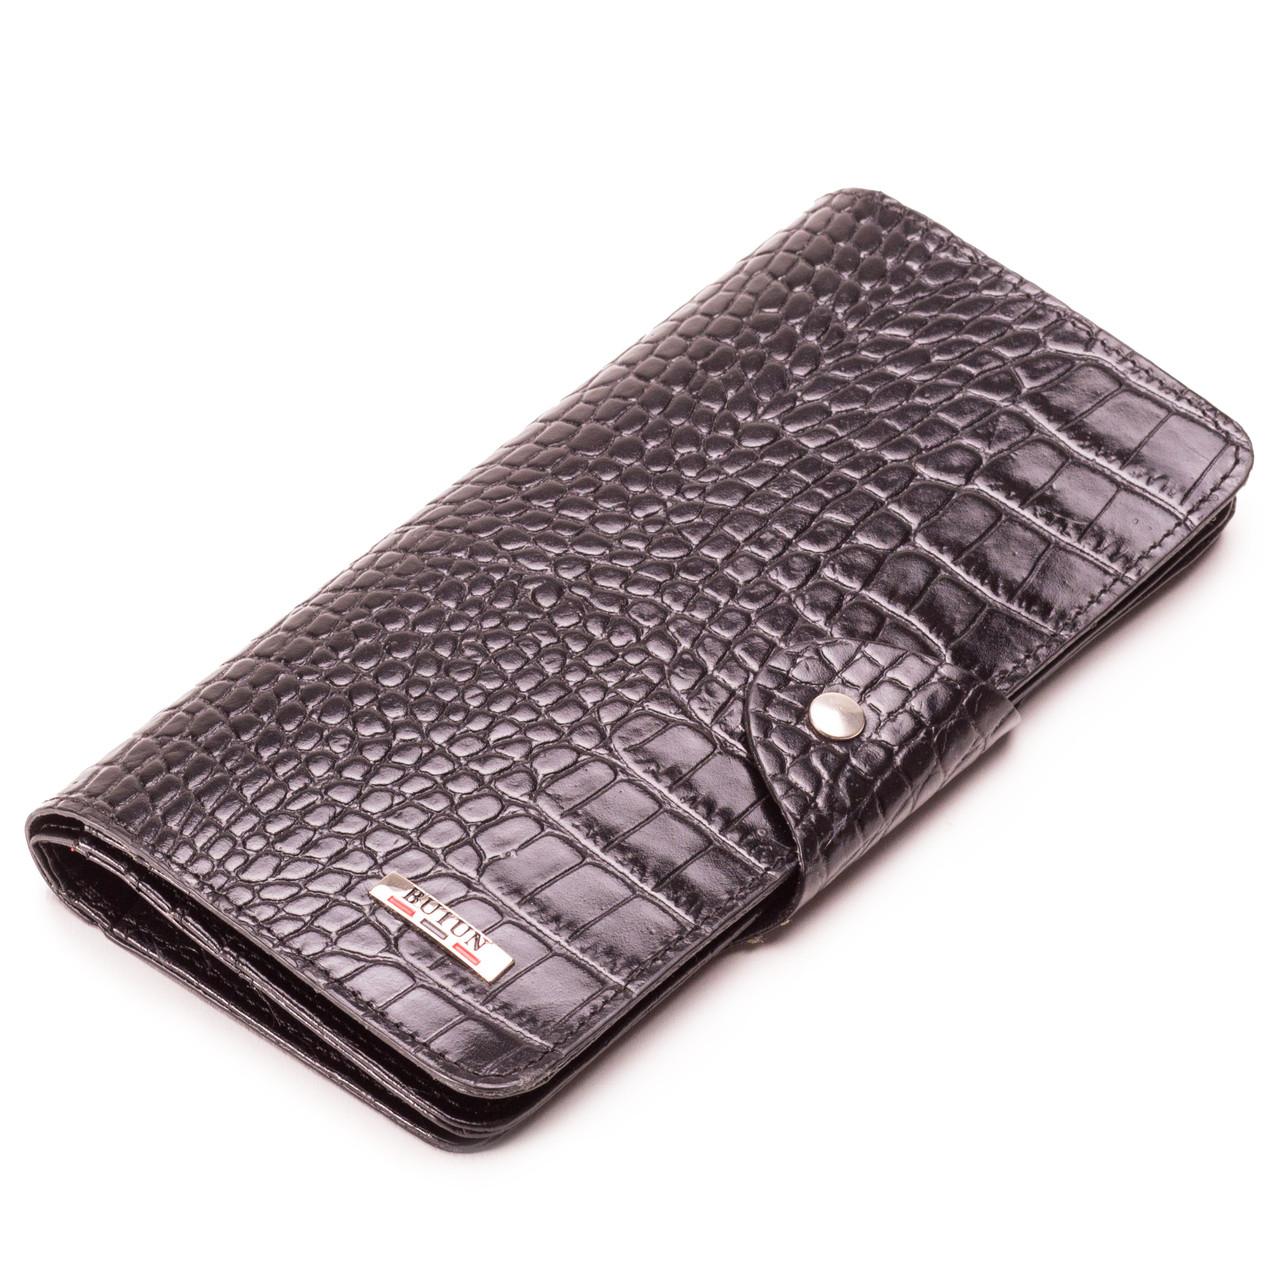 Мужской кошелек бумажник кожаный черный BUTUN 645-002-001